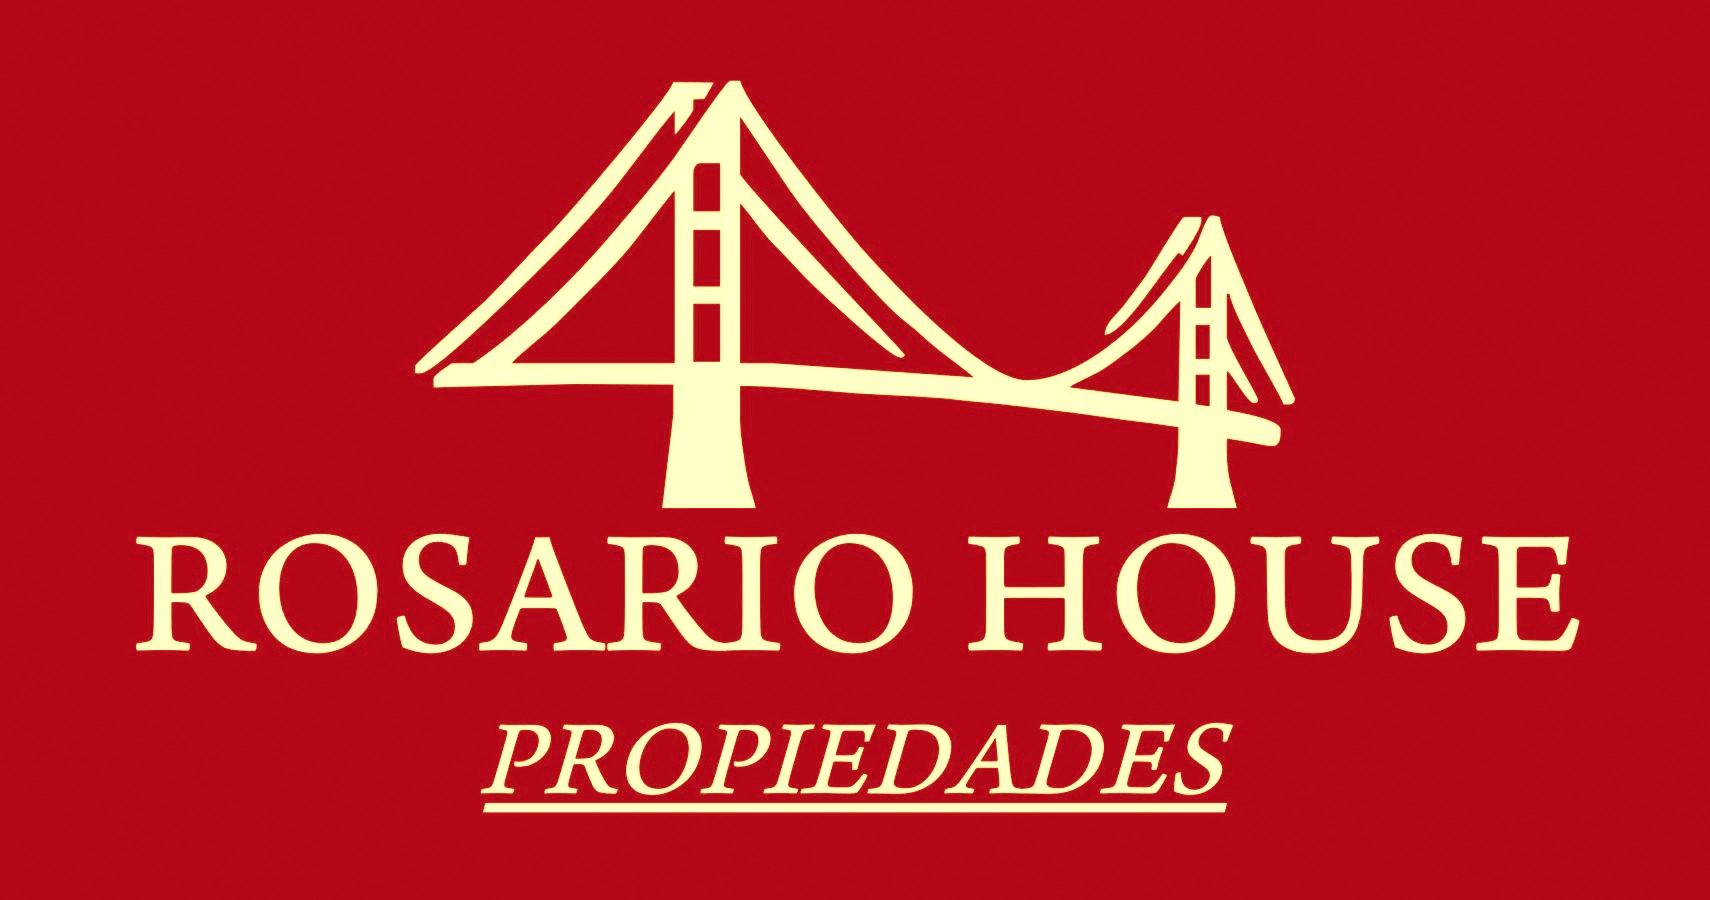 Rosrio_House_Logo_original_2_creado_por_claudio__2_.jpg